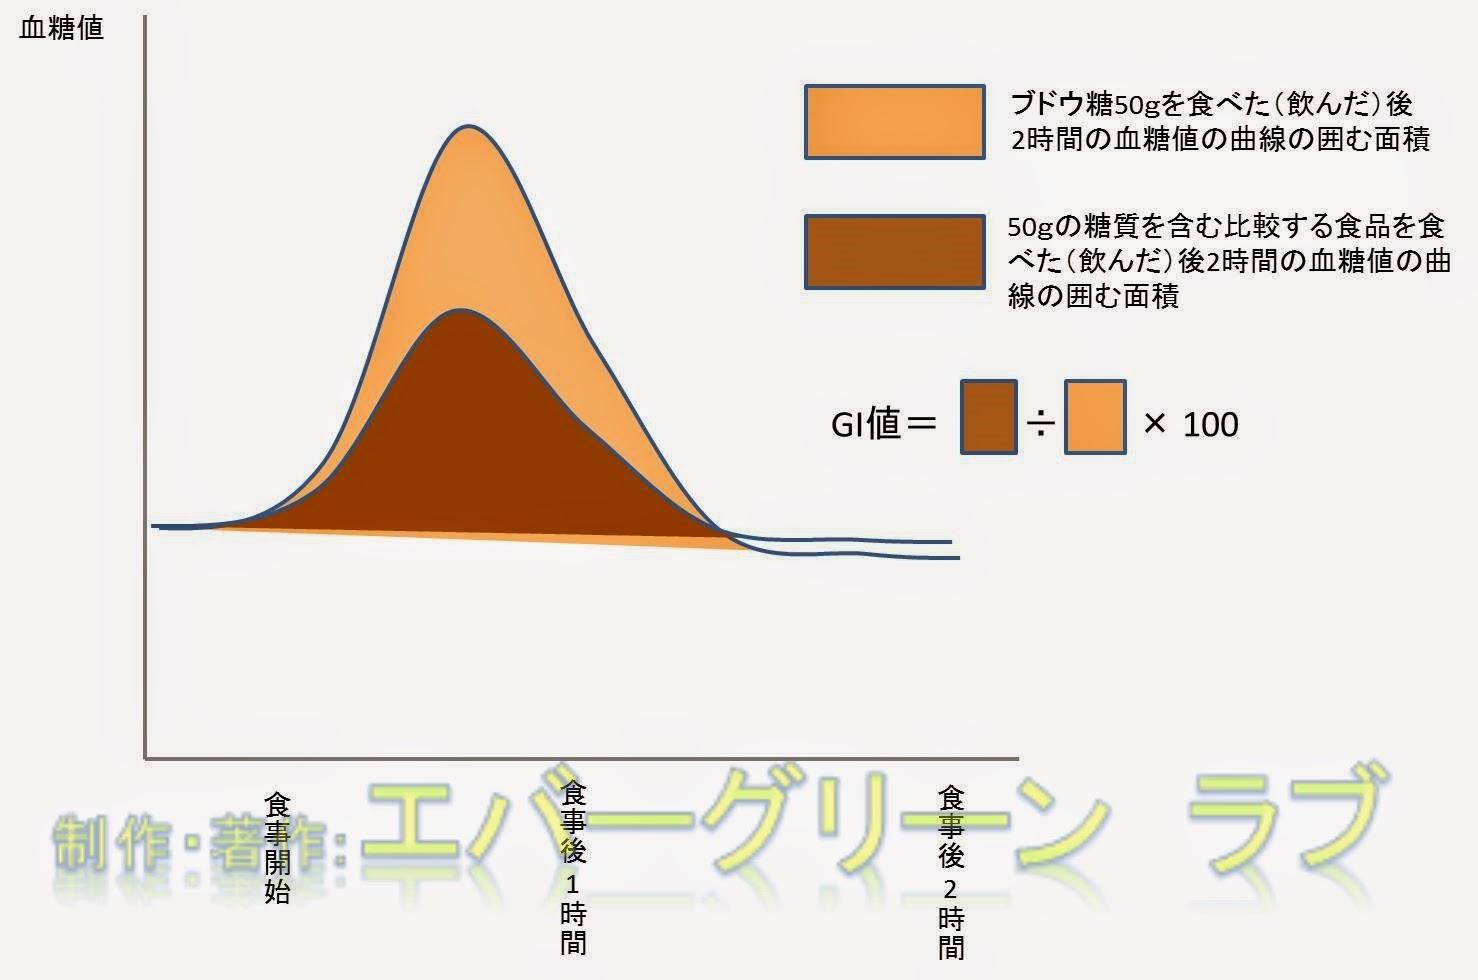 グリセミックインデックス GI 算出方法 意味 求め方 糖質制限 ダイエット 血糖値 糖質摂取 ごはん 食パン にんじん 食品 計算 基準 Glycemic Index